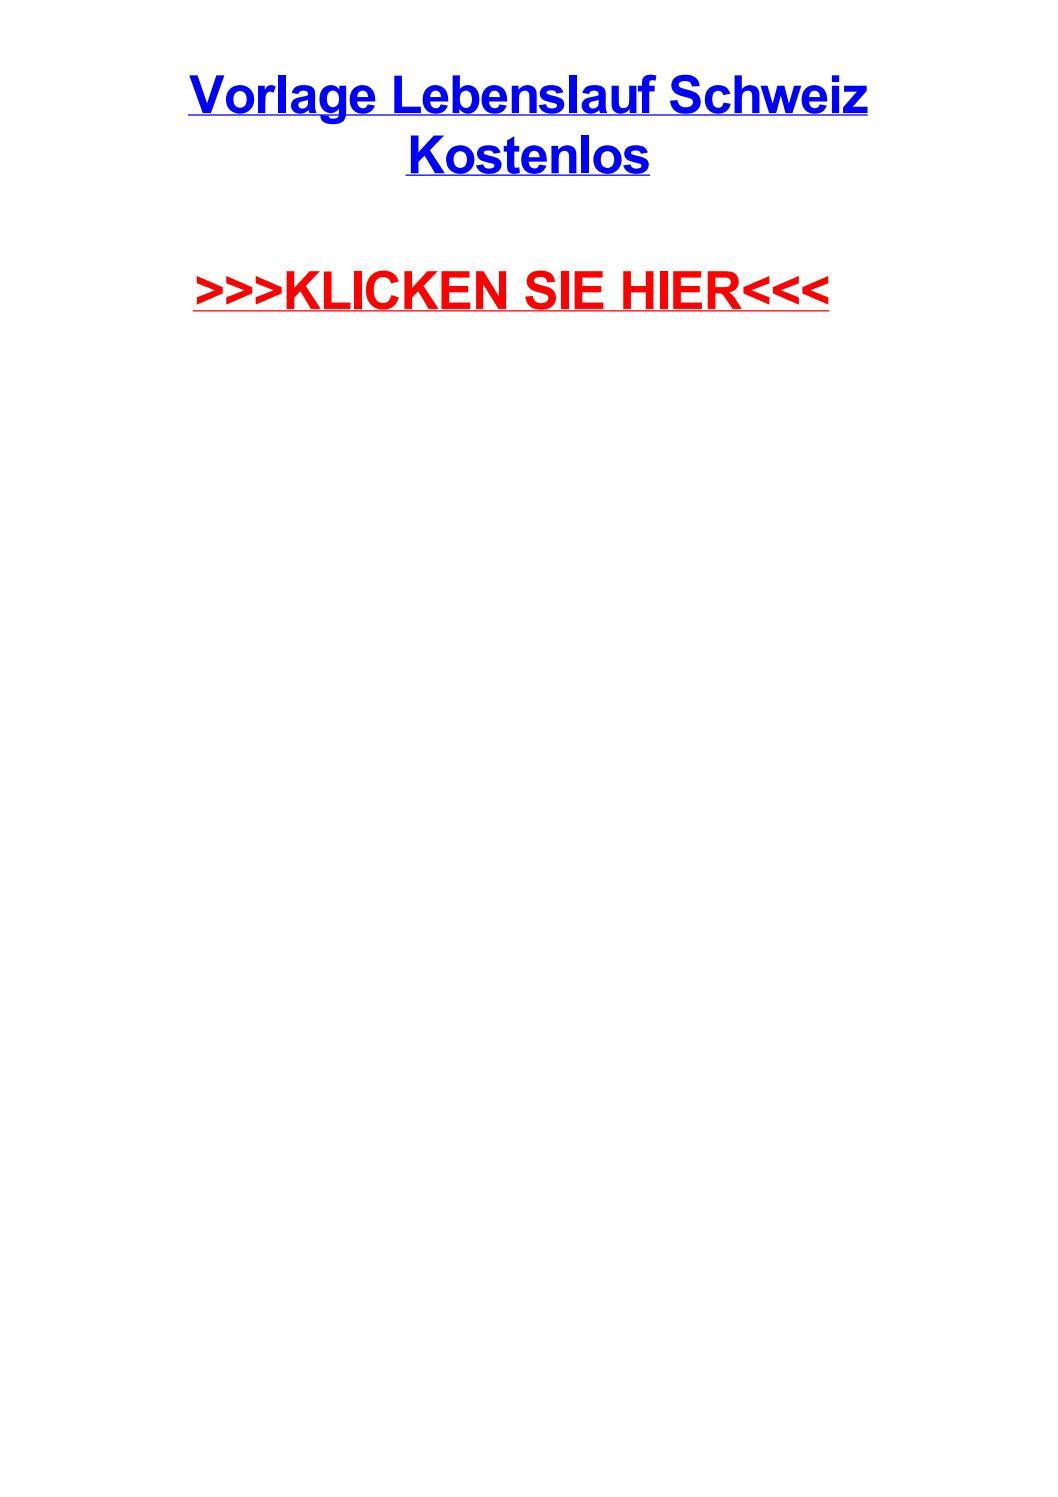 Vorlage Lebenslauf Schweiz Kostenlos By Angelamdeoh Issuu